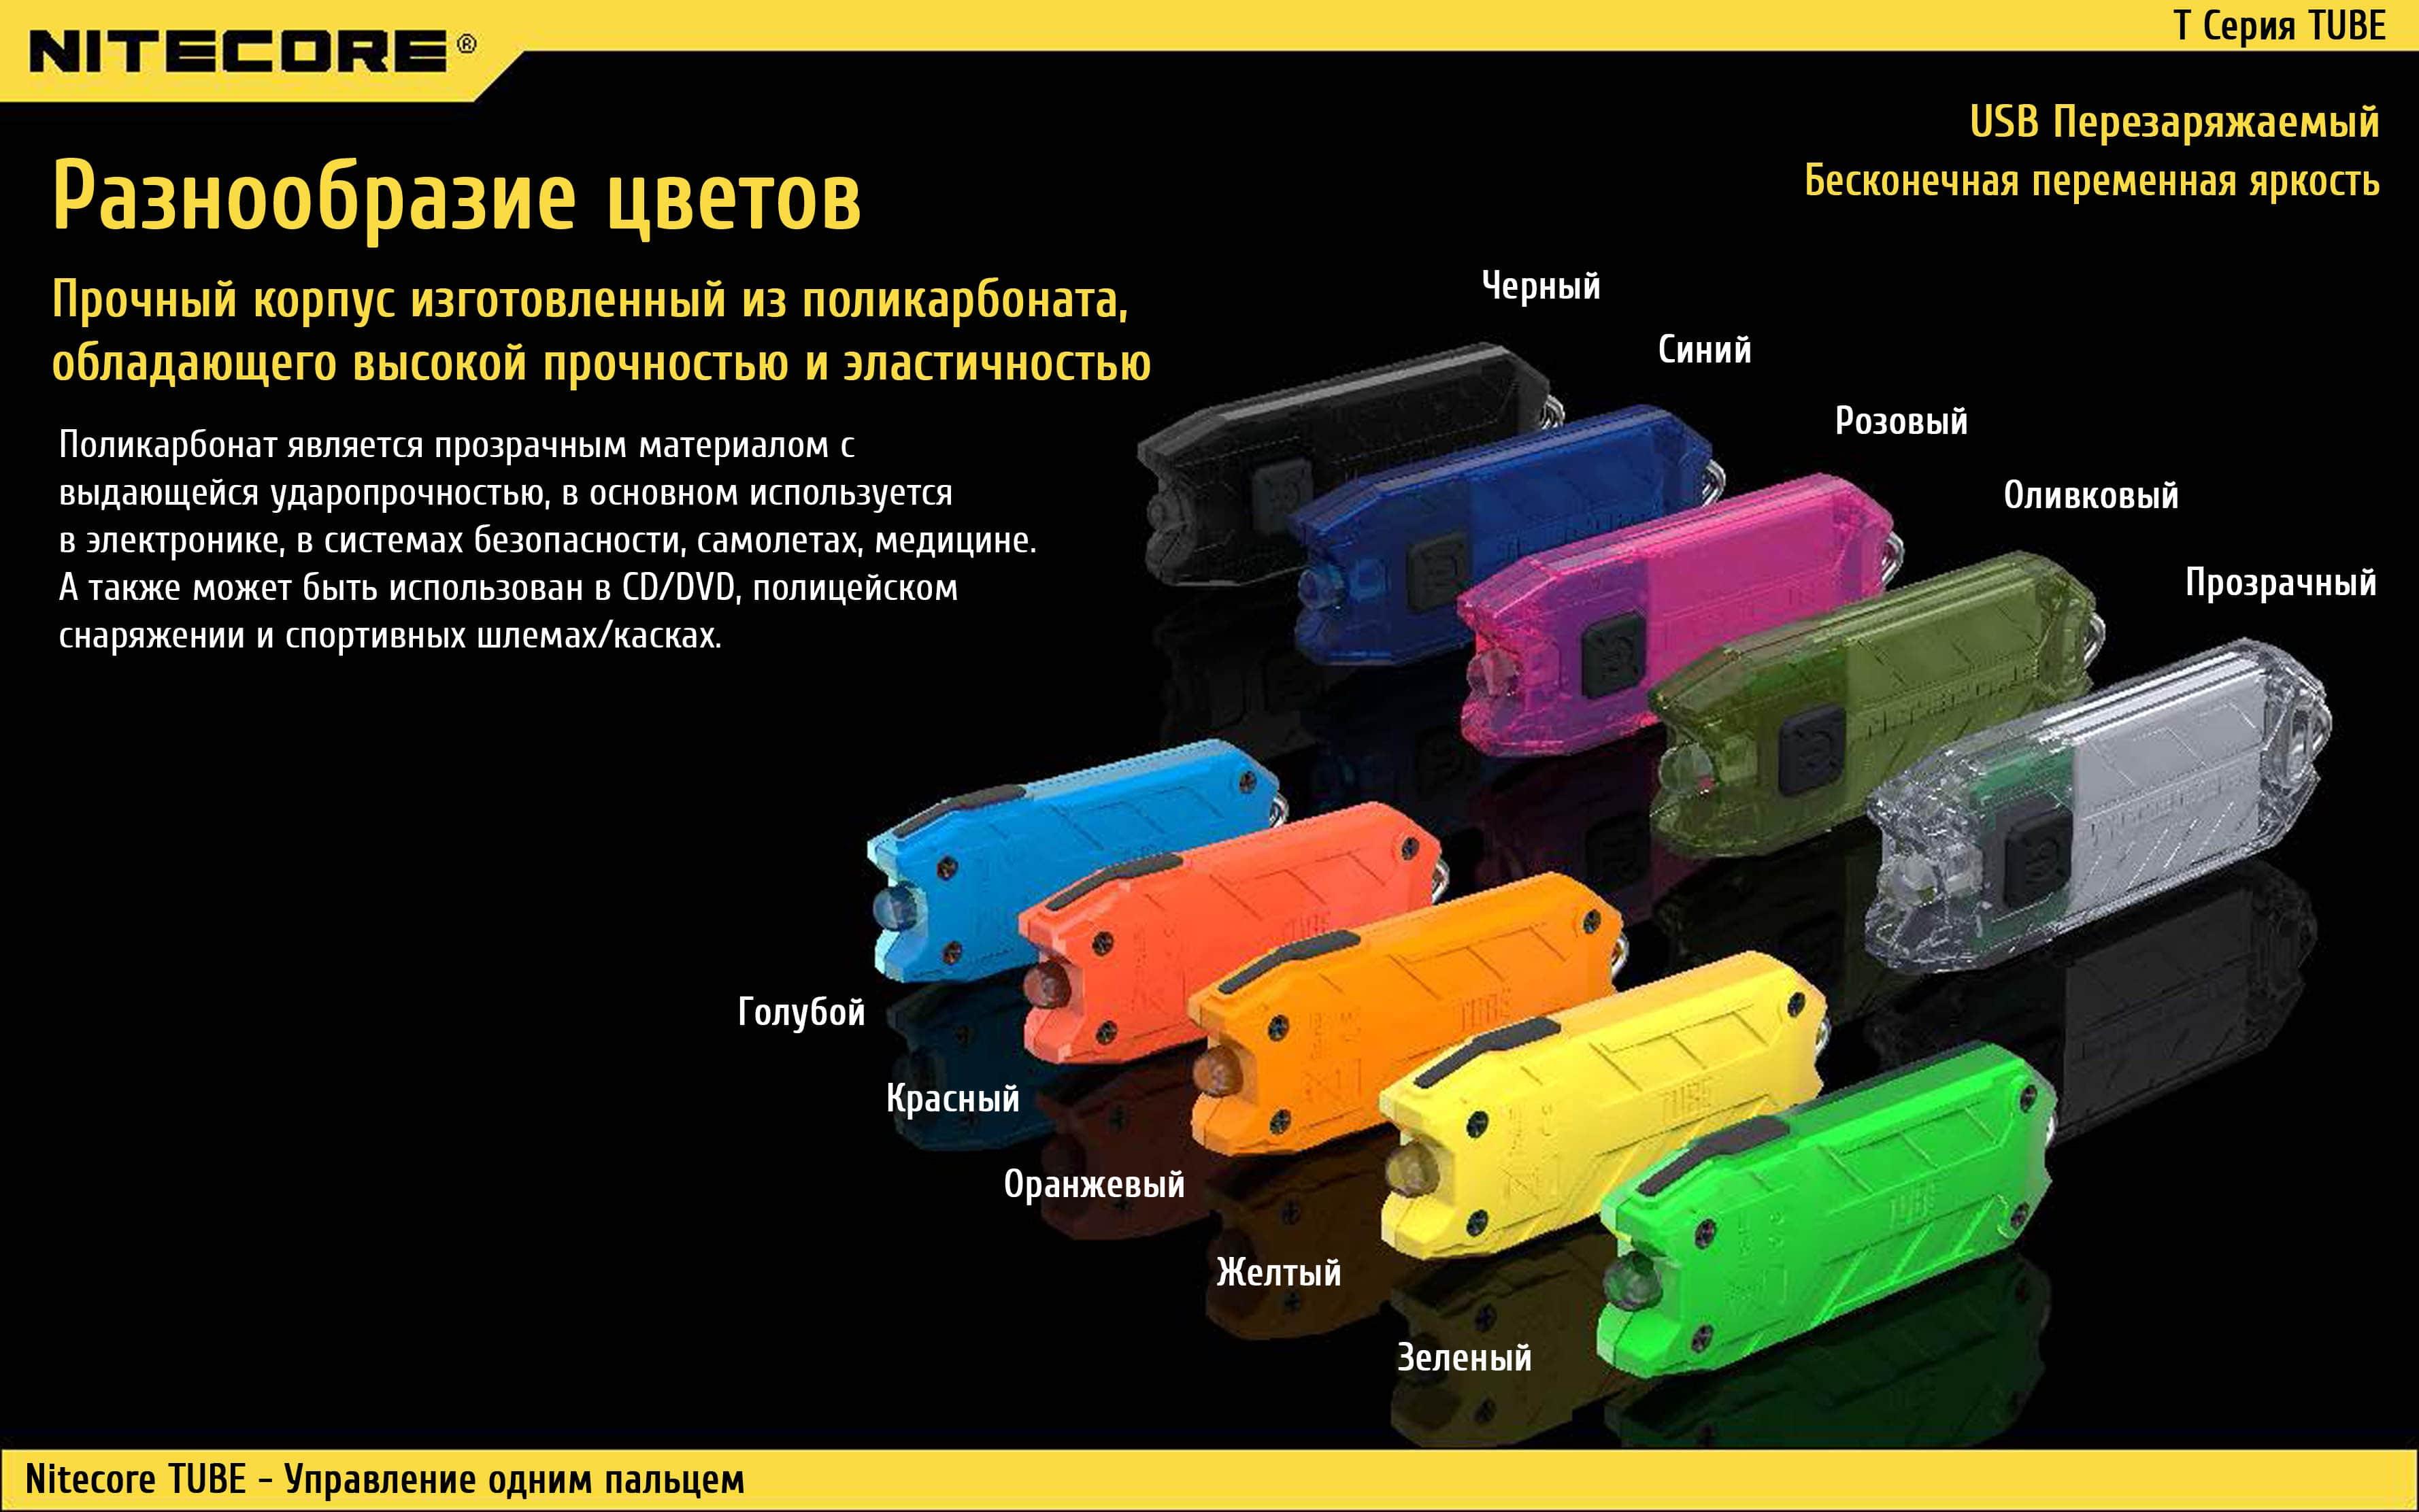 Фонарь Nitecore TUBE (1 LED, 45 люмен, 2 режима, USB), оливковый